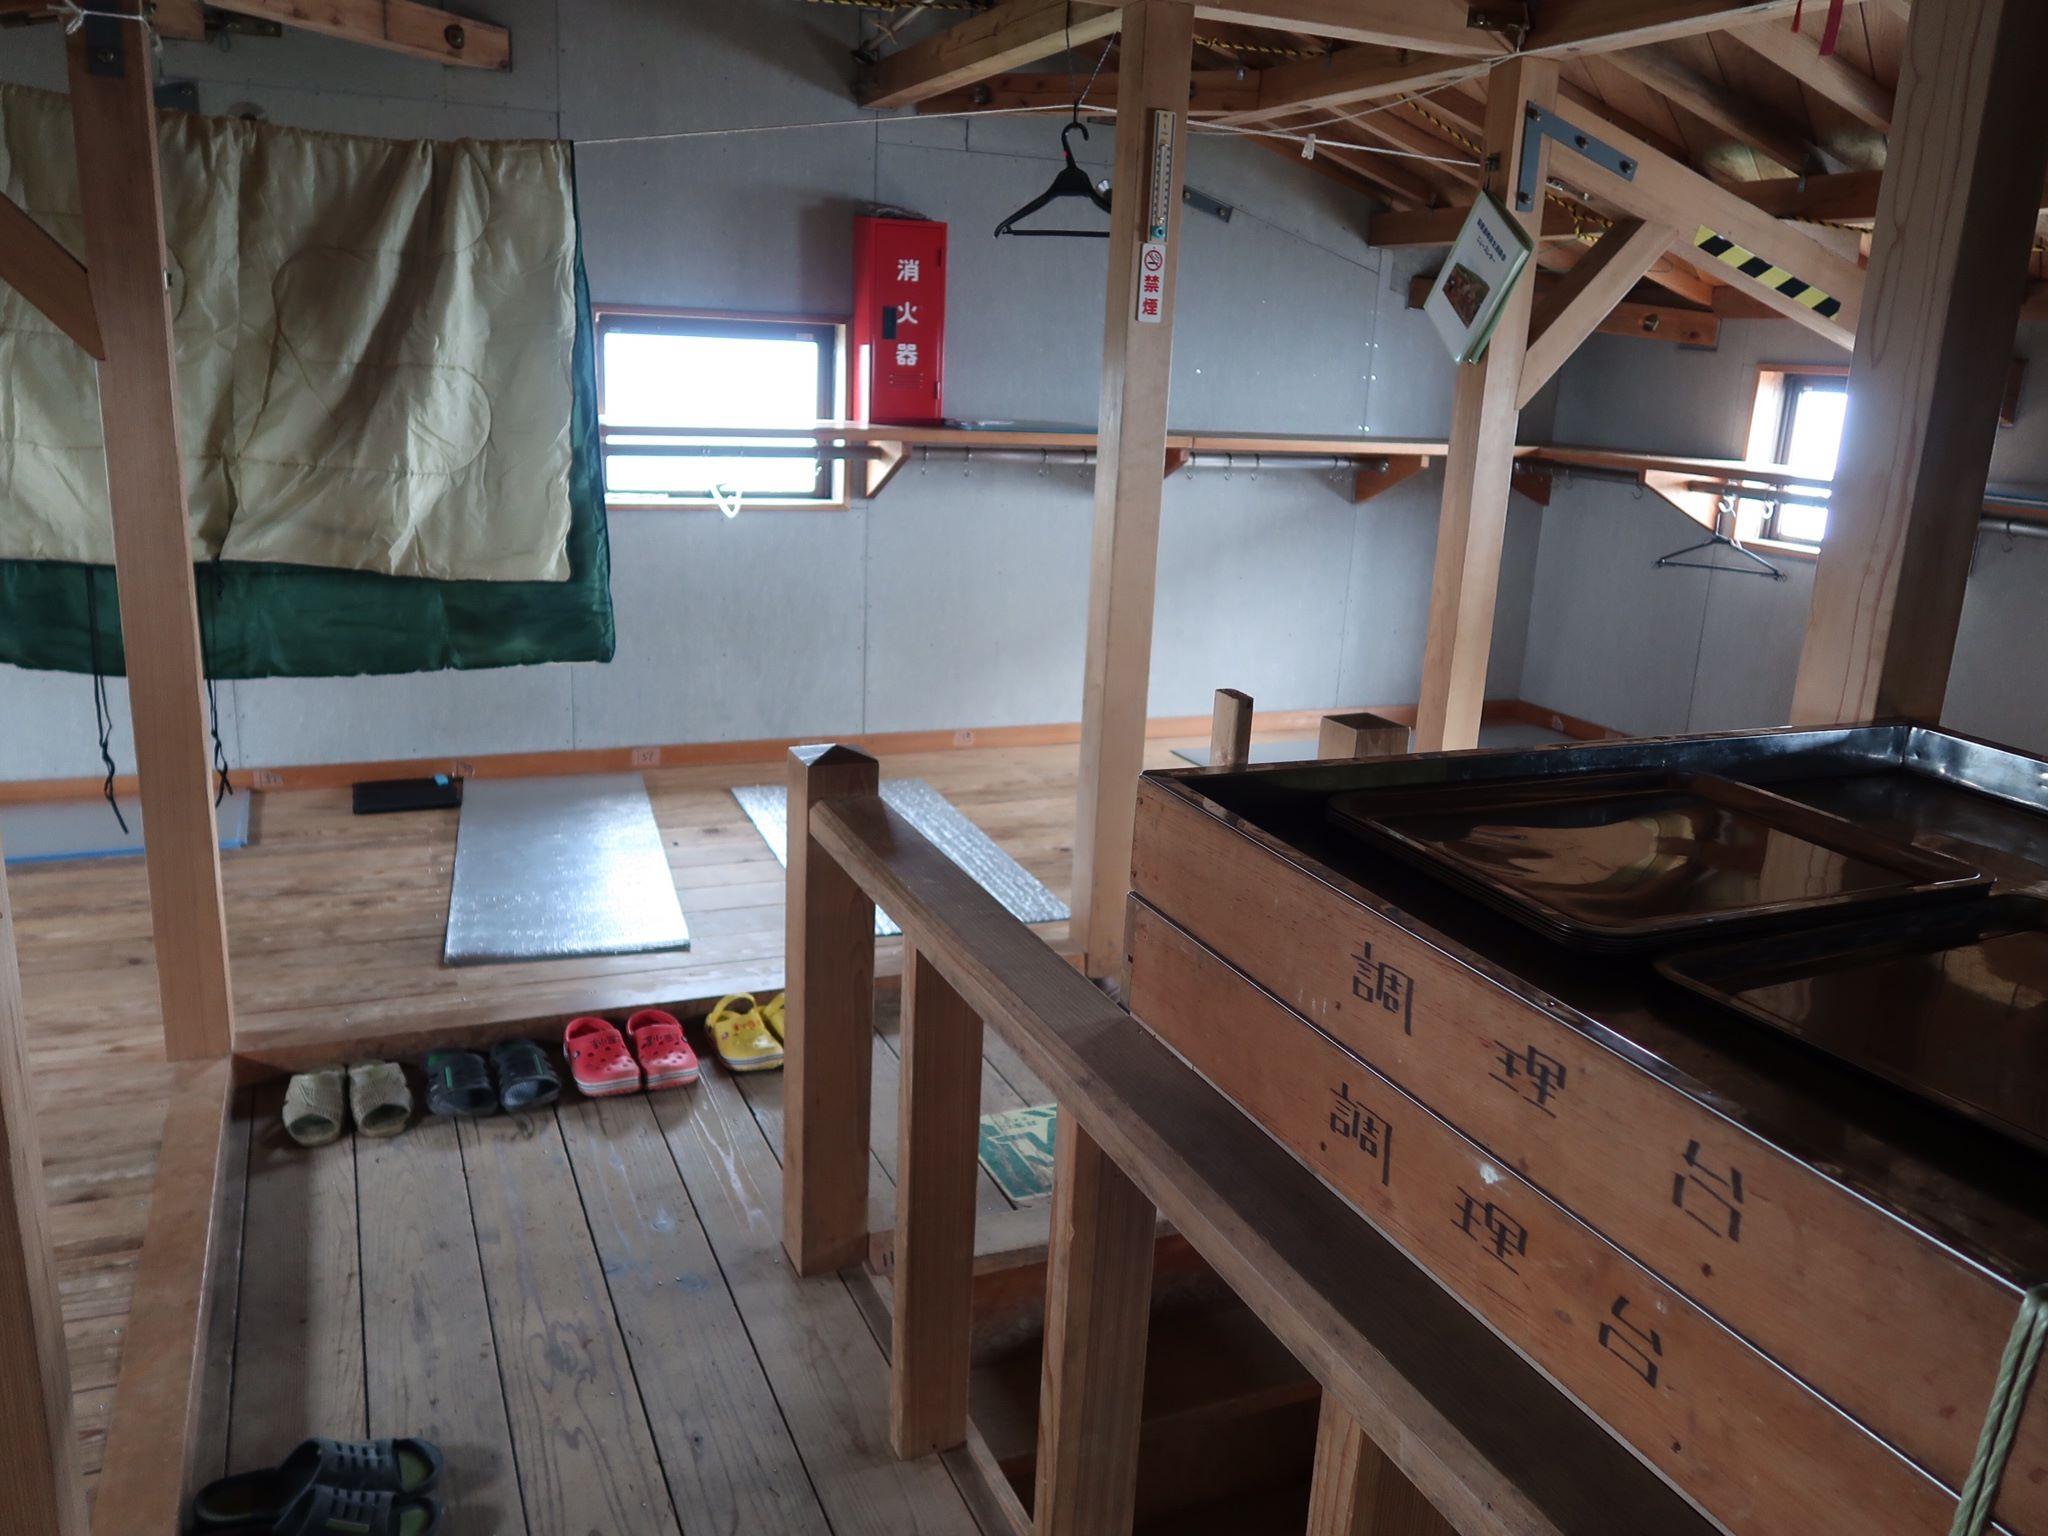 清潔に保たれた三国小屋の内部